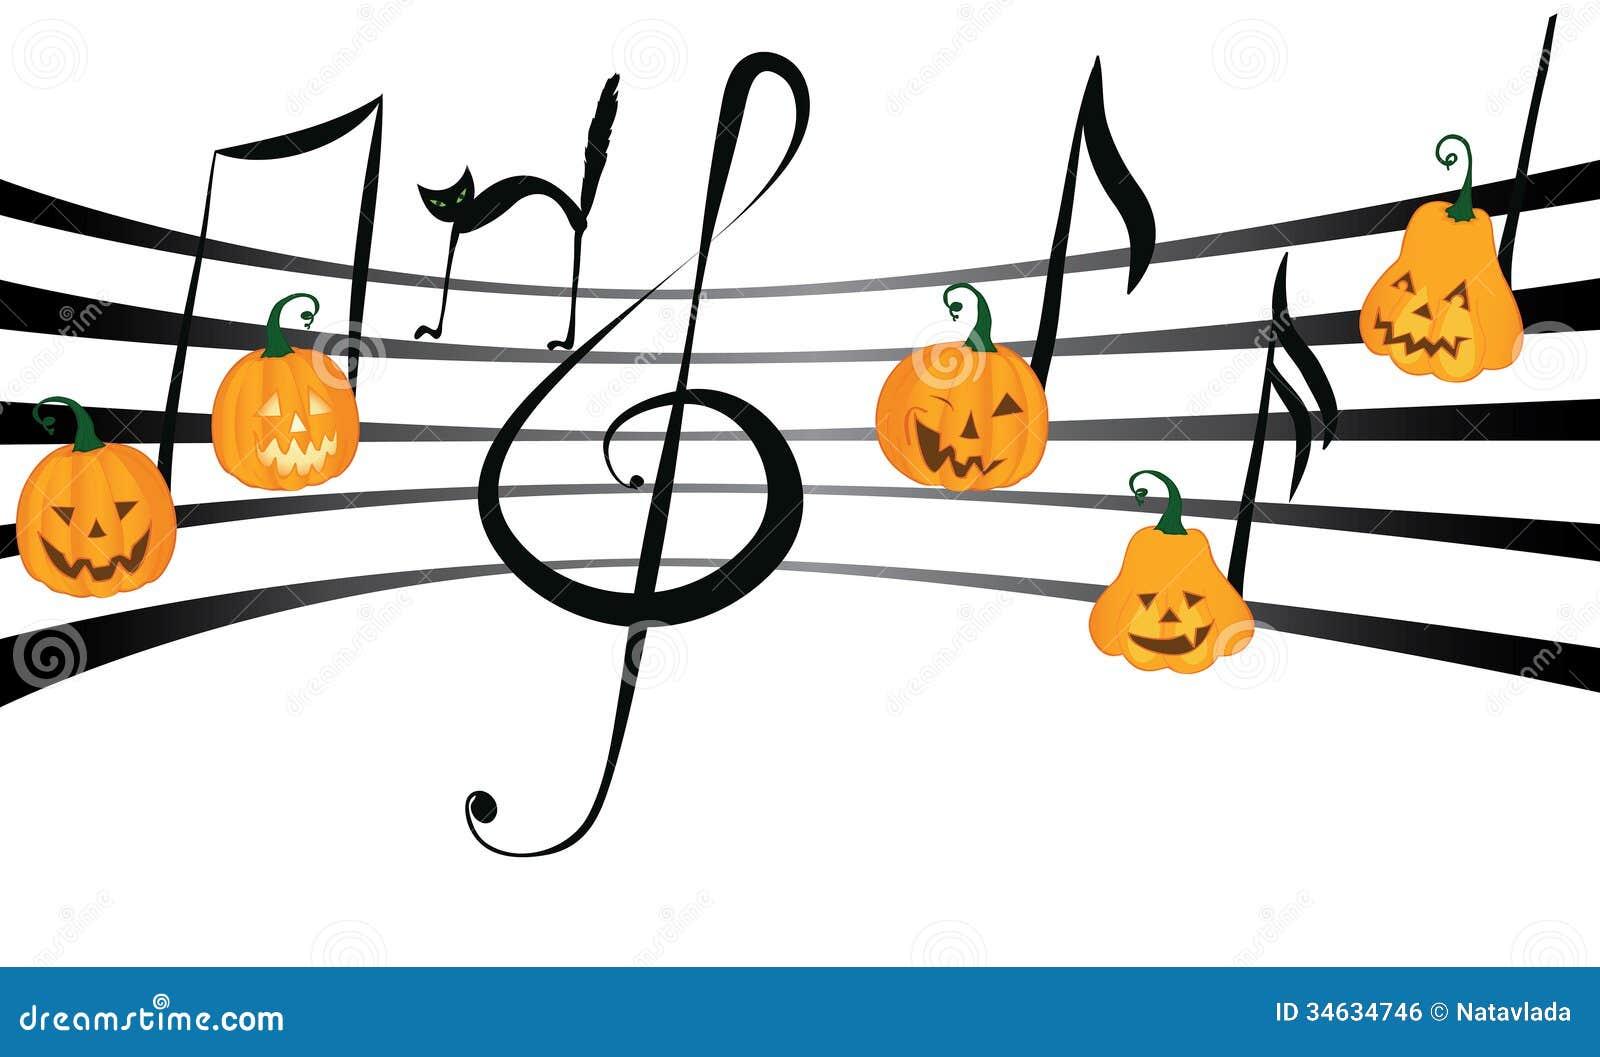 Halloween Music | Goshowmeenergy